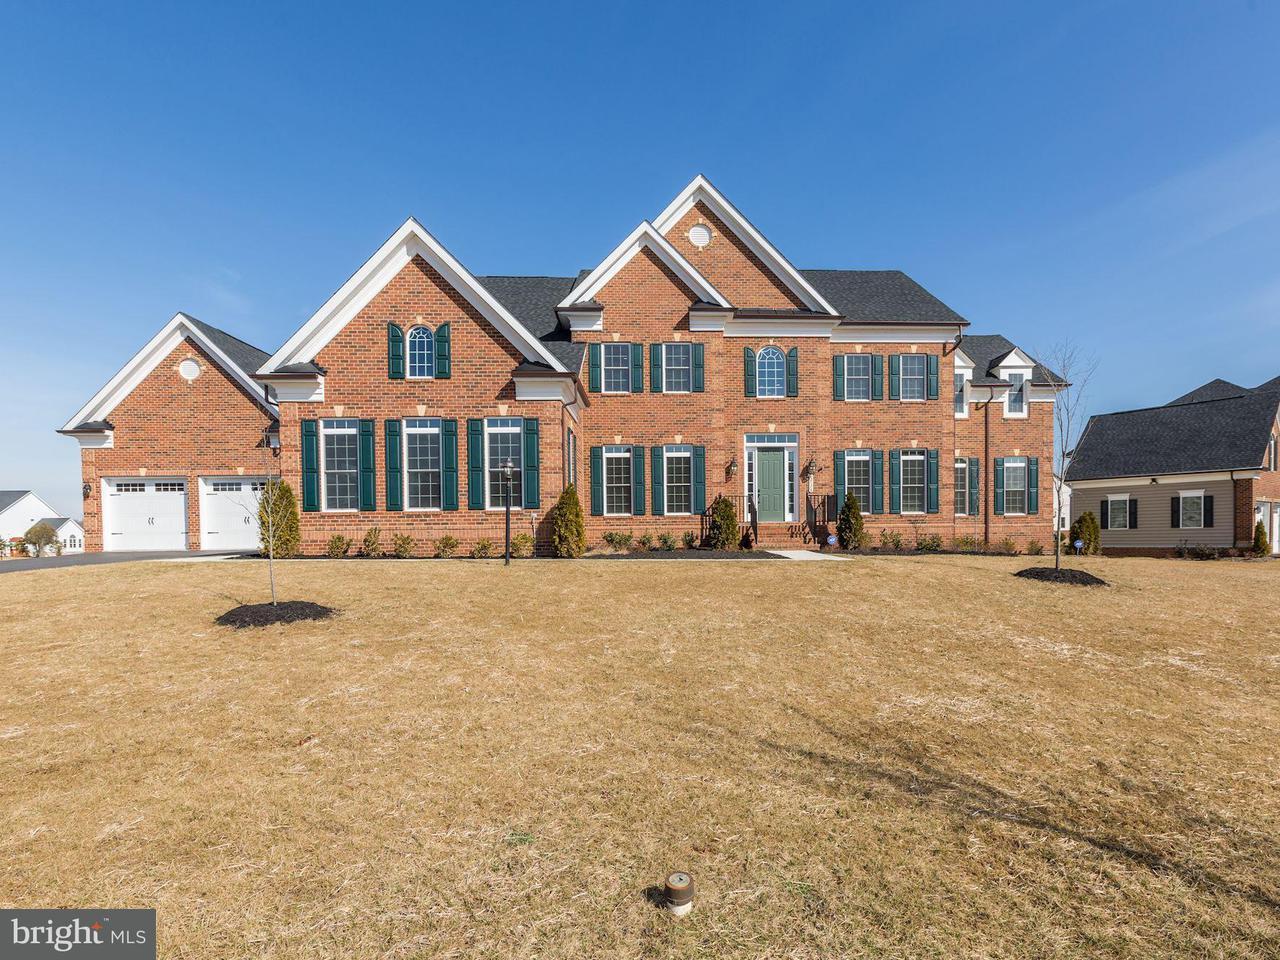 Maison unifamiliale pour l Vente à 12178 Hayland Farm Way 12178 Hayland Farm Way Ellicott City, Maryland 21042 États-Unis